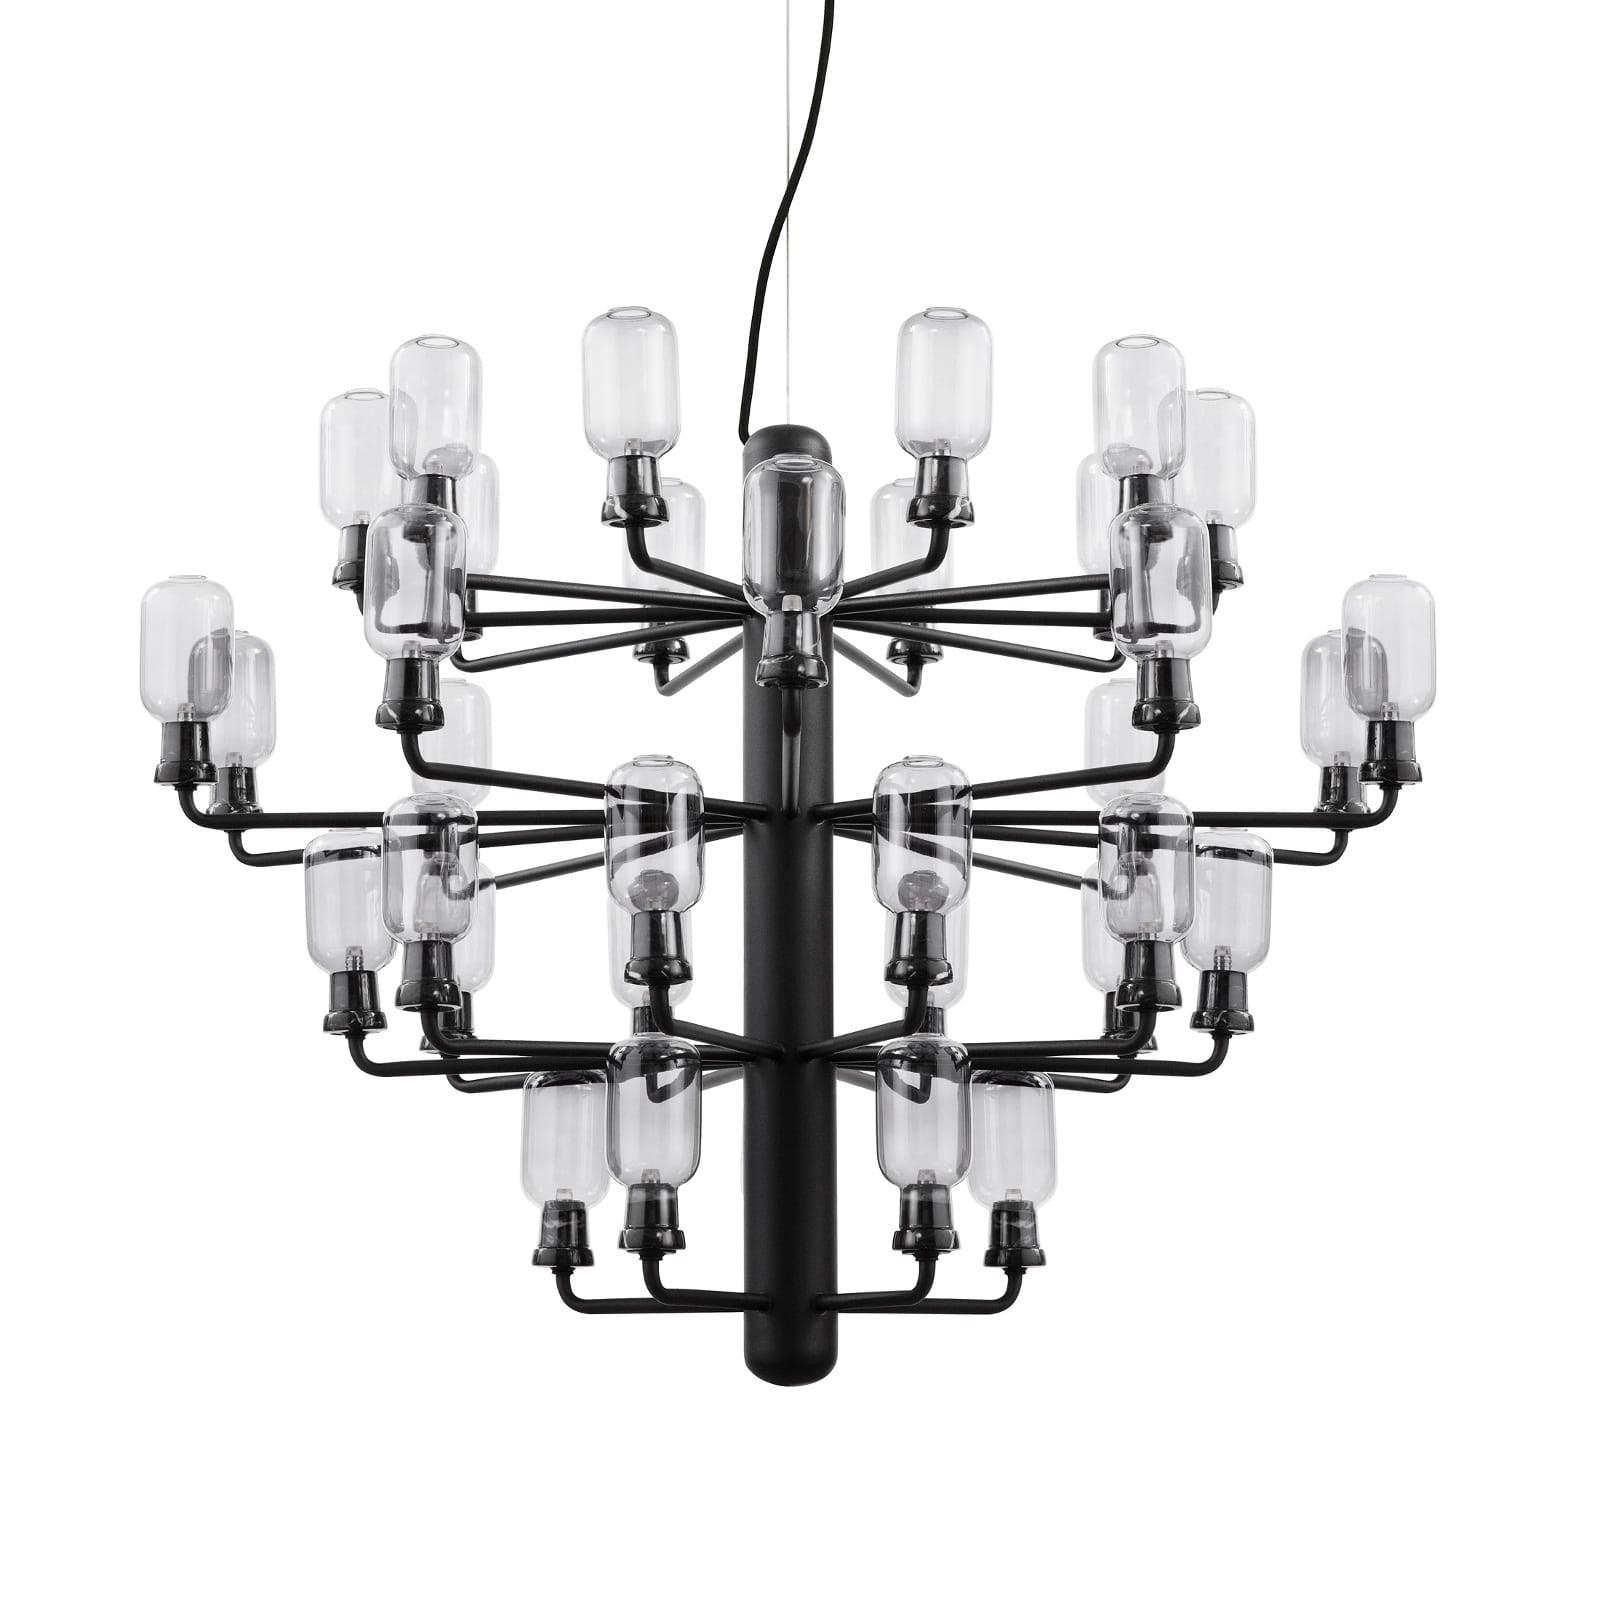 Amp Chandelier Large 35 LED Bulbs (Smoke / Black) - Normann Copenhagen